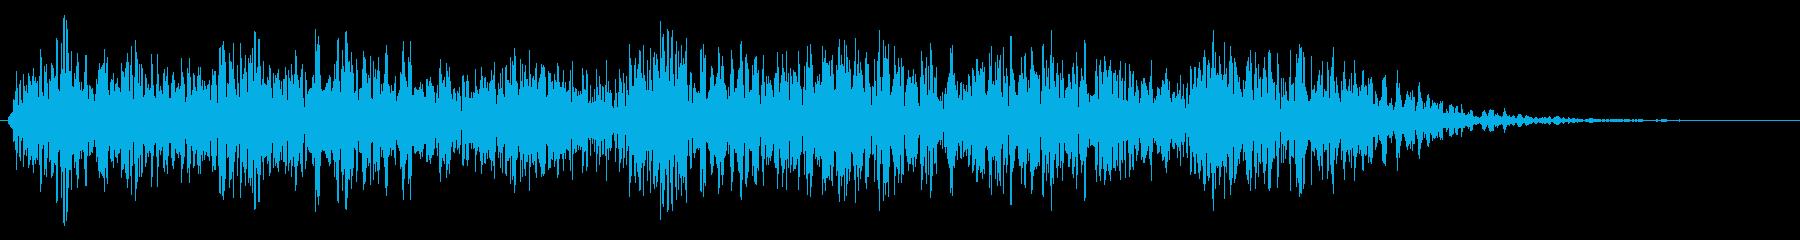 宇宙人の話し声の再生済みの波形